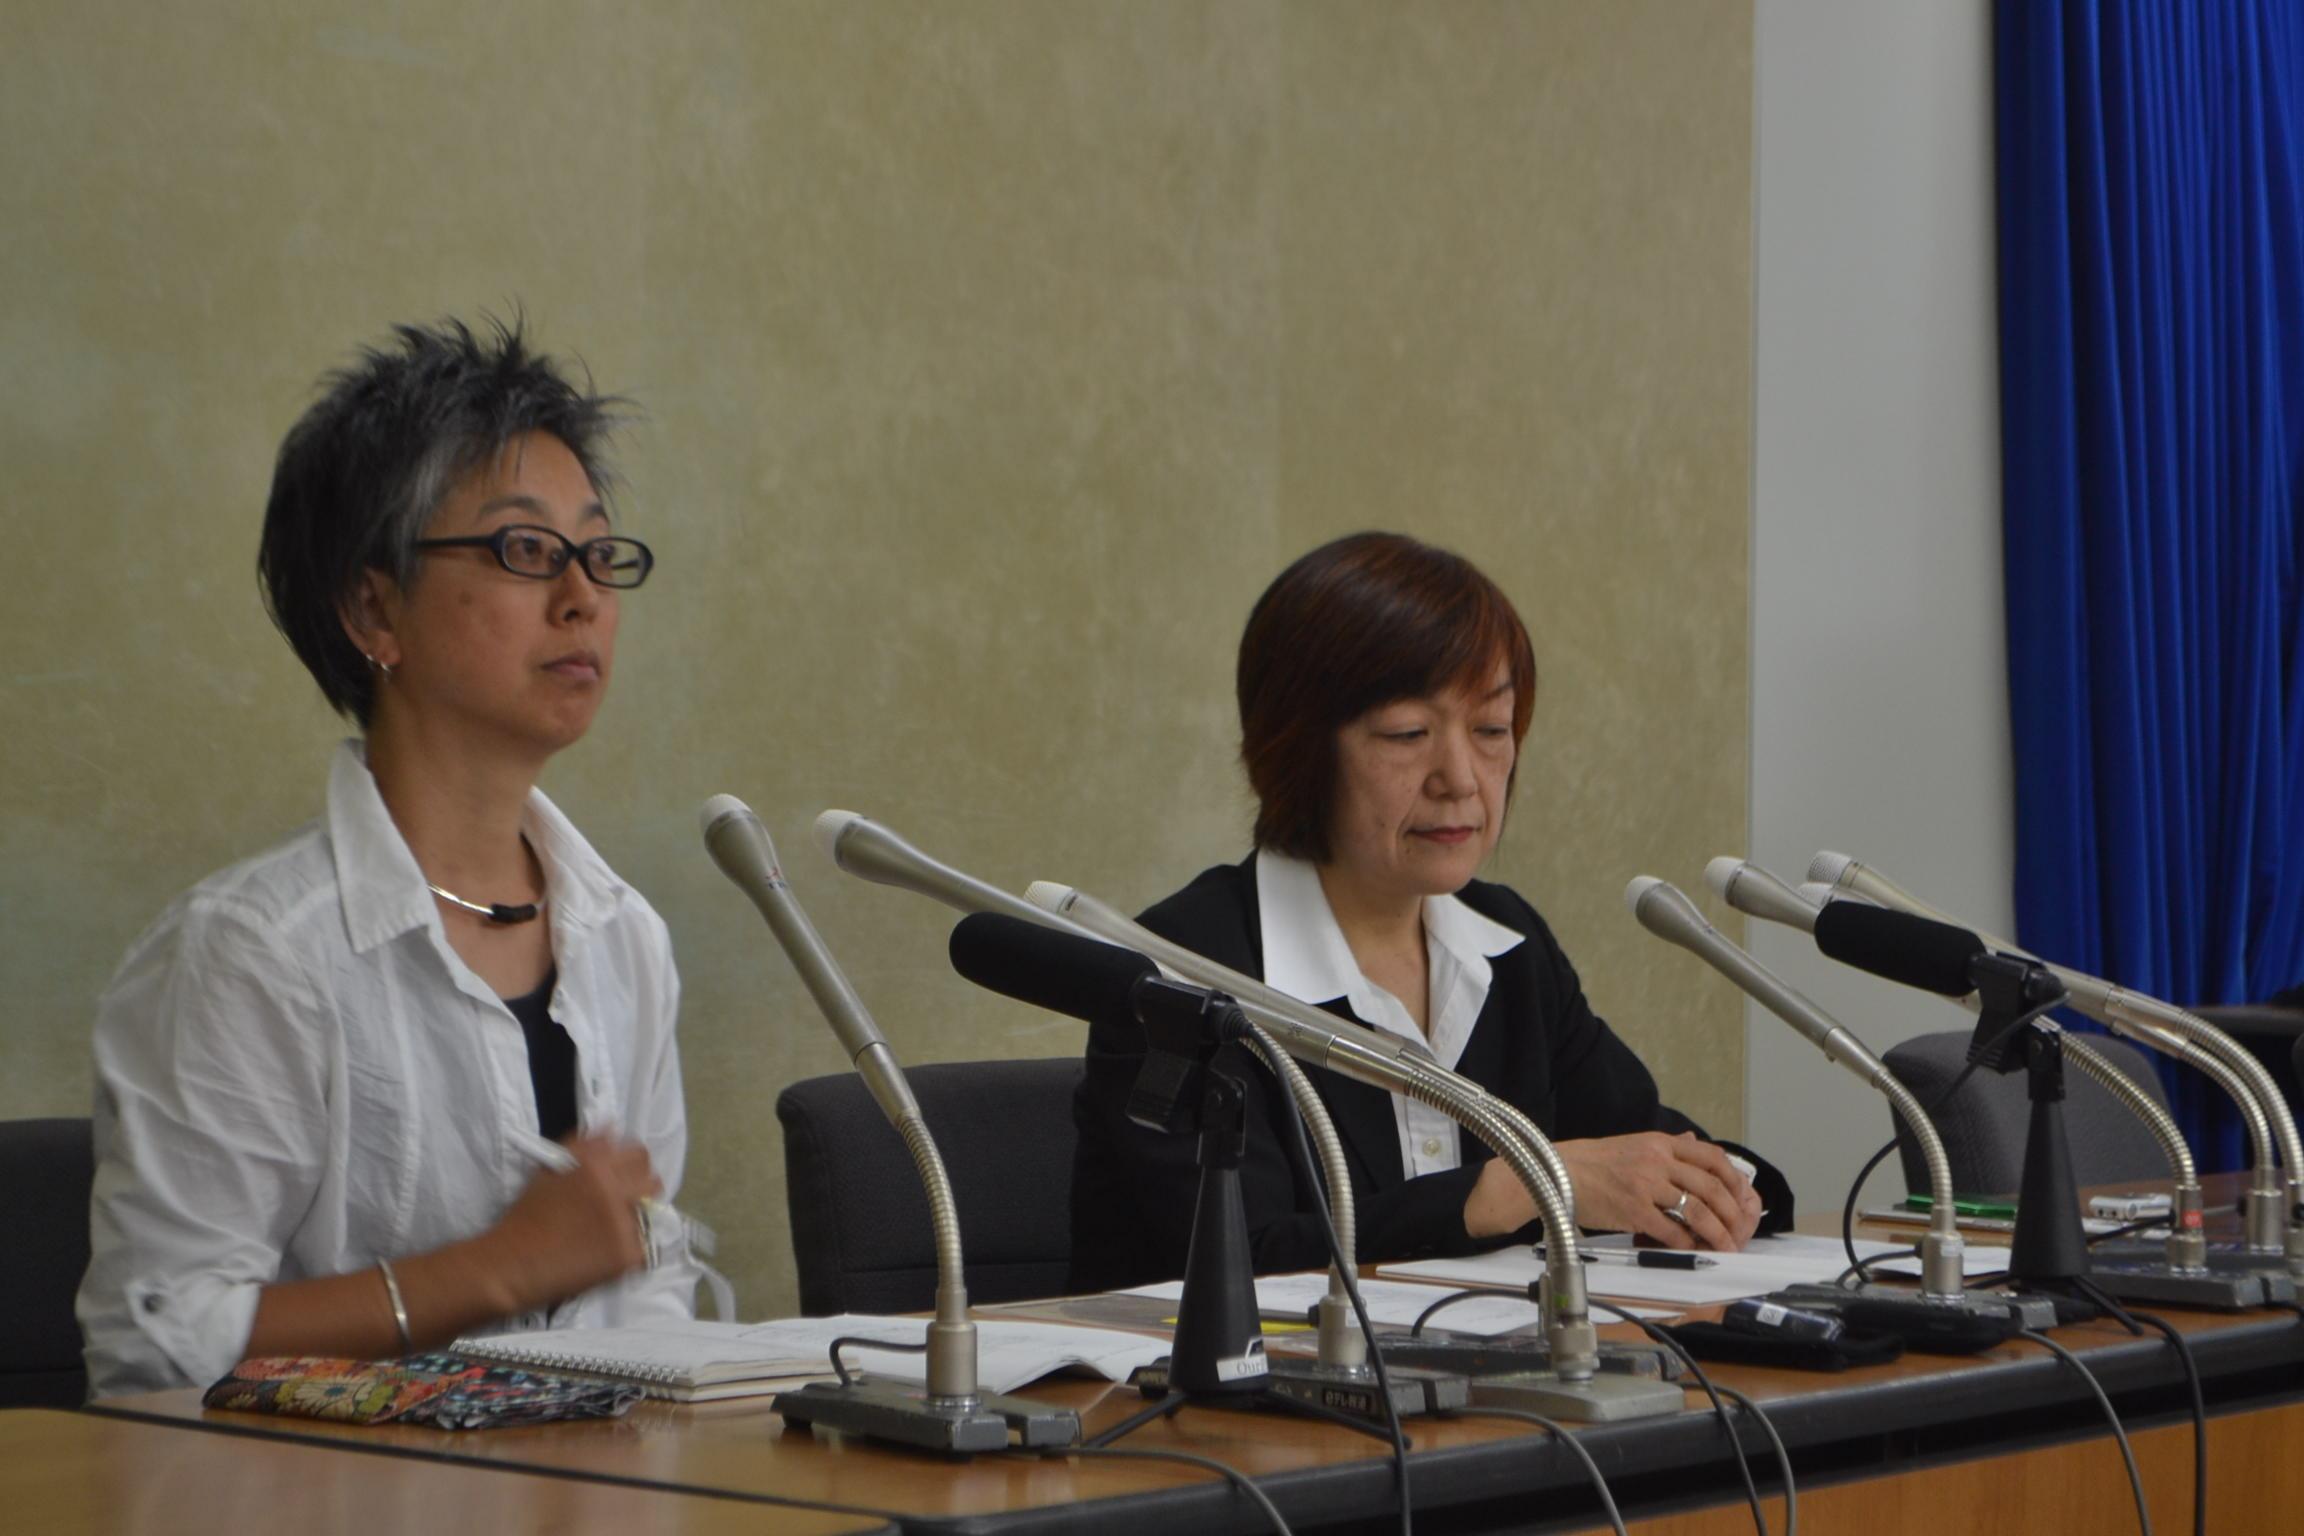 会見で、女性記者からの声を紹介する「メディアで働く女性ネットワーク」の松元千枝さん(左)と林美子さん=厚生労働省